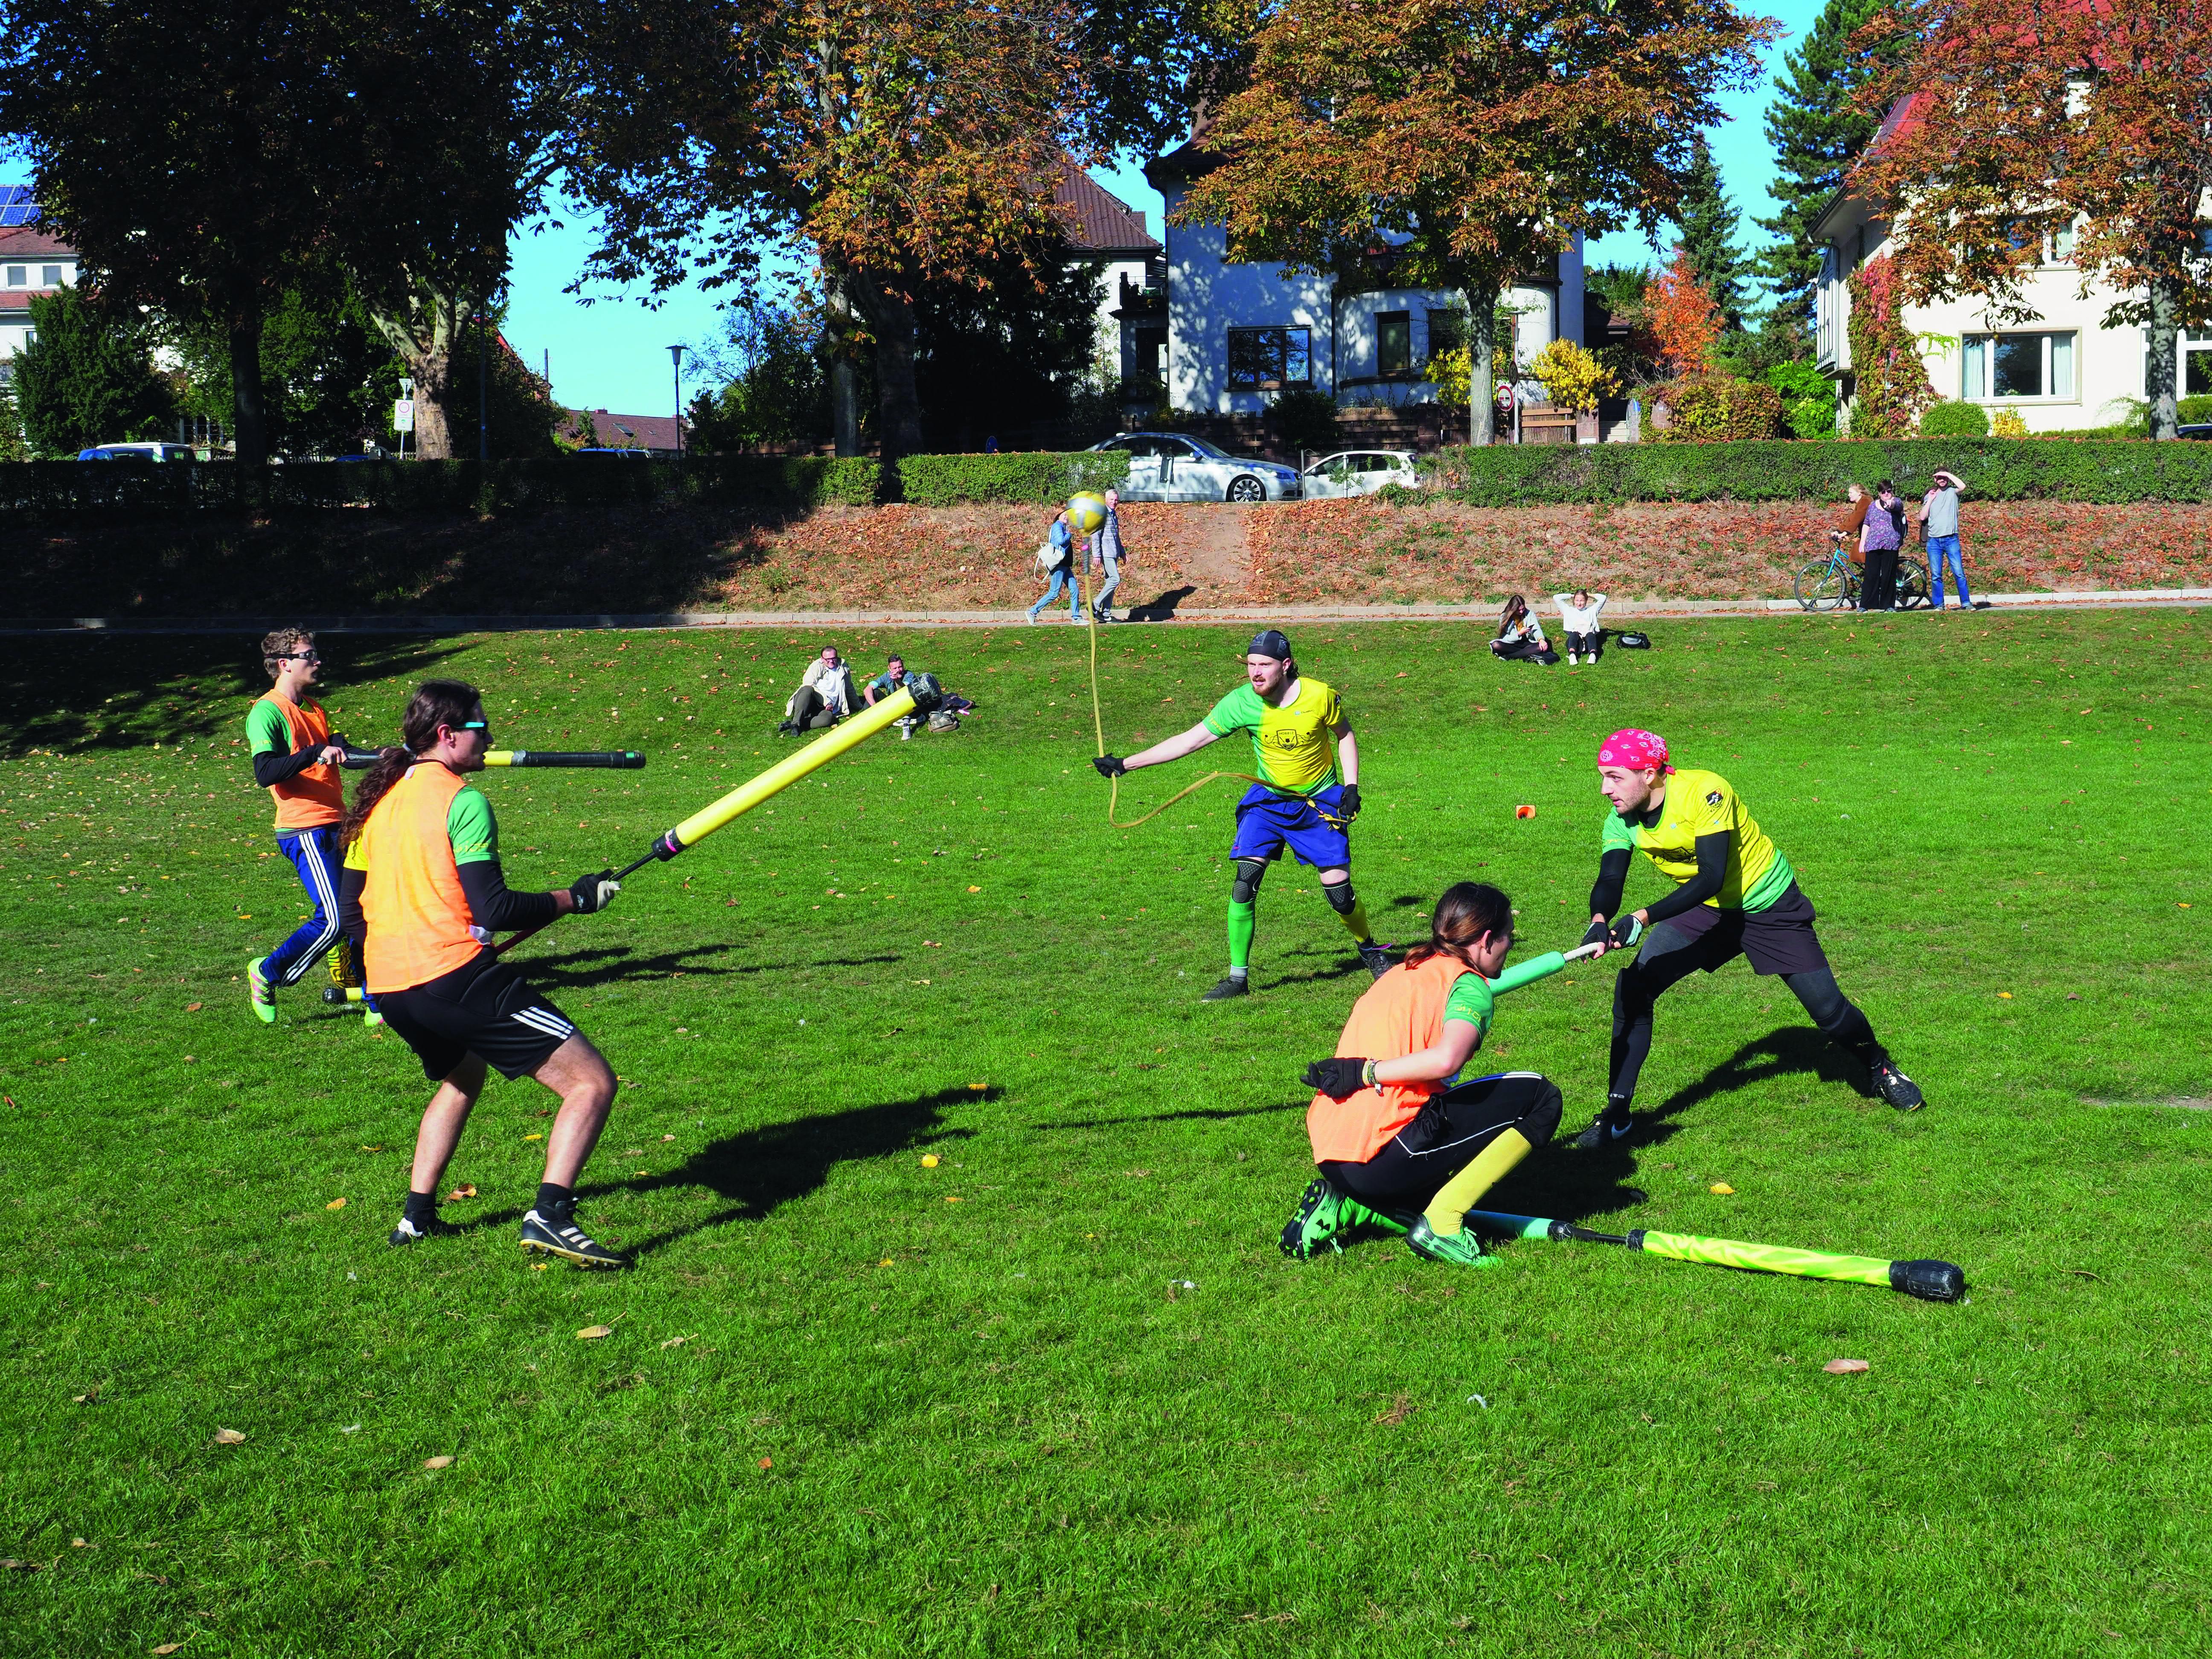 Beim Juggern gelangt man nur mit einer Kombination aus Taktik, körperlicher Fitness und Geschicklichkeit zum Sieg. Foto: Patrick Müller